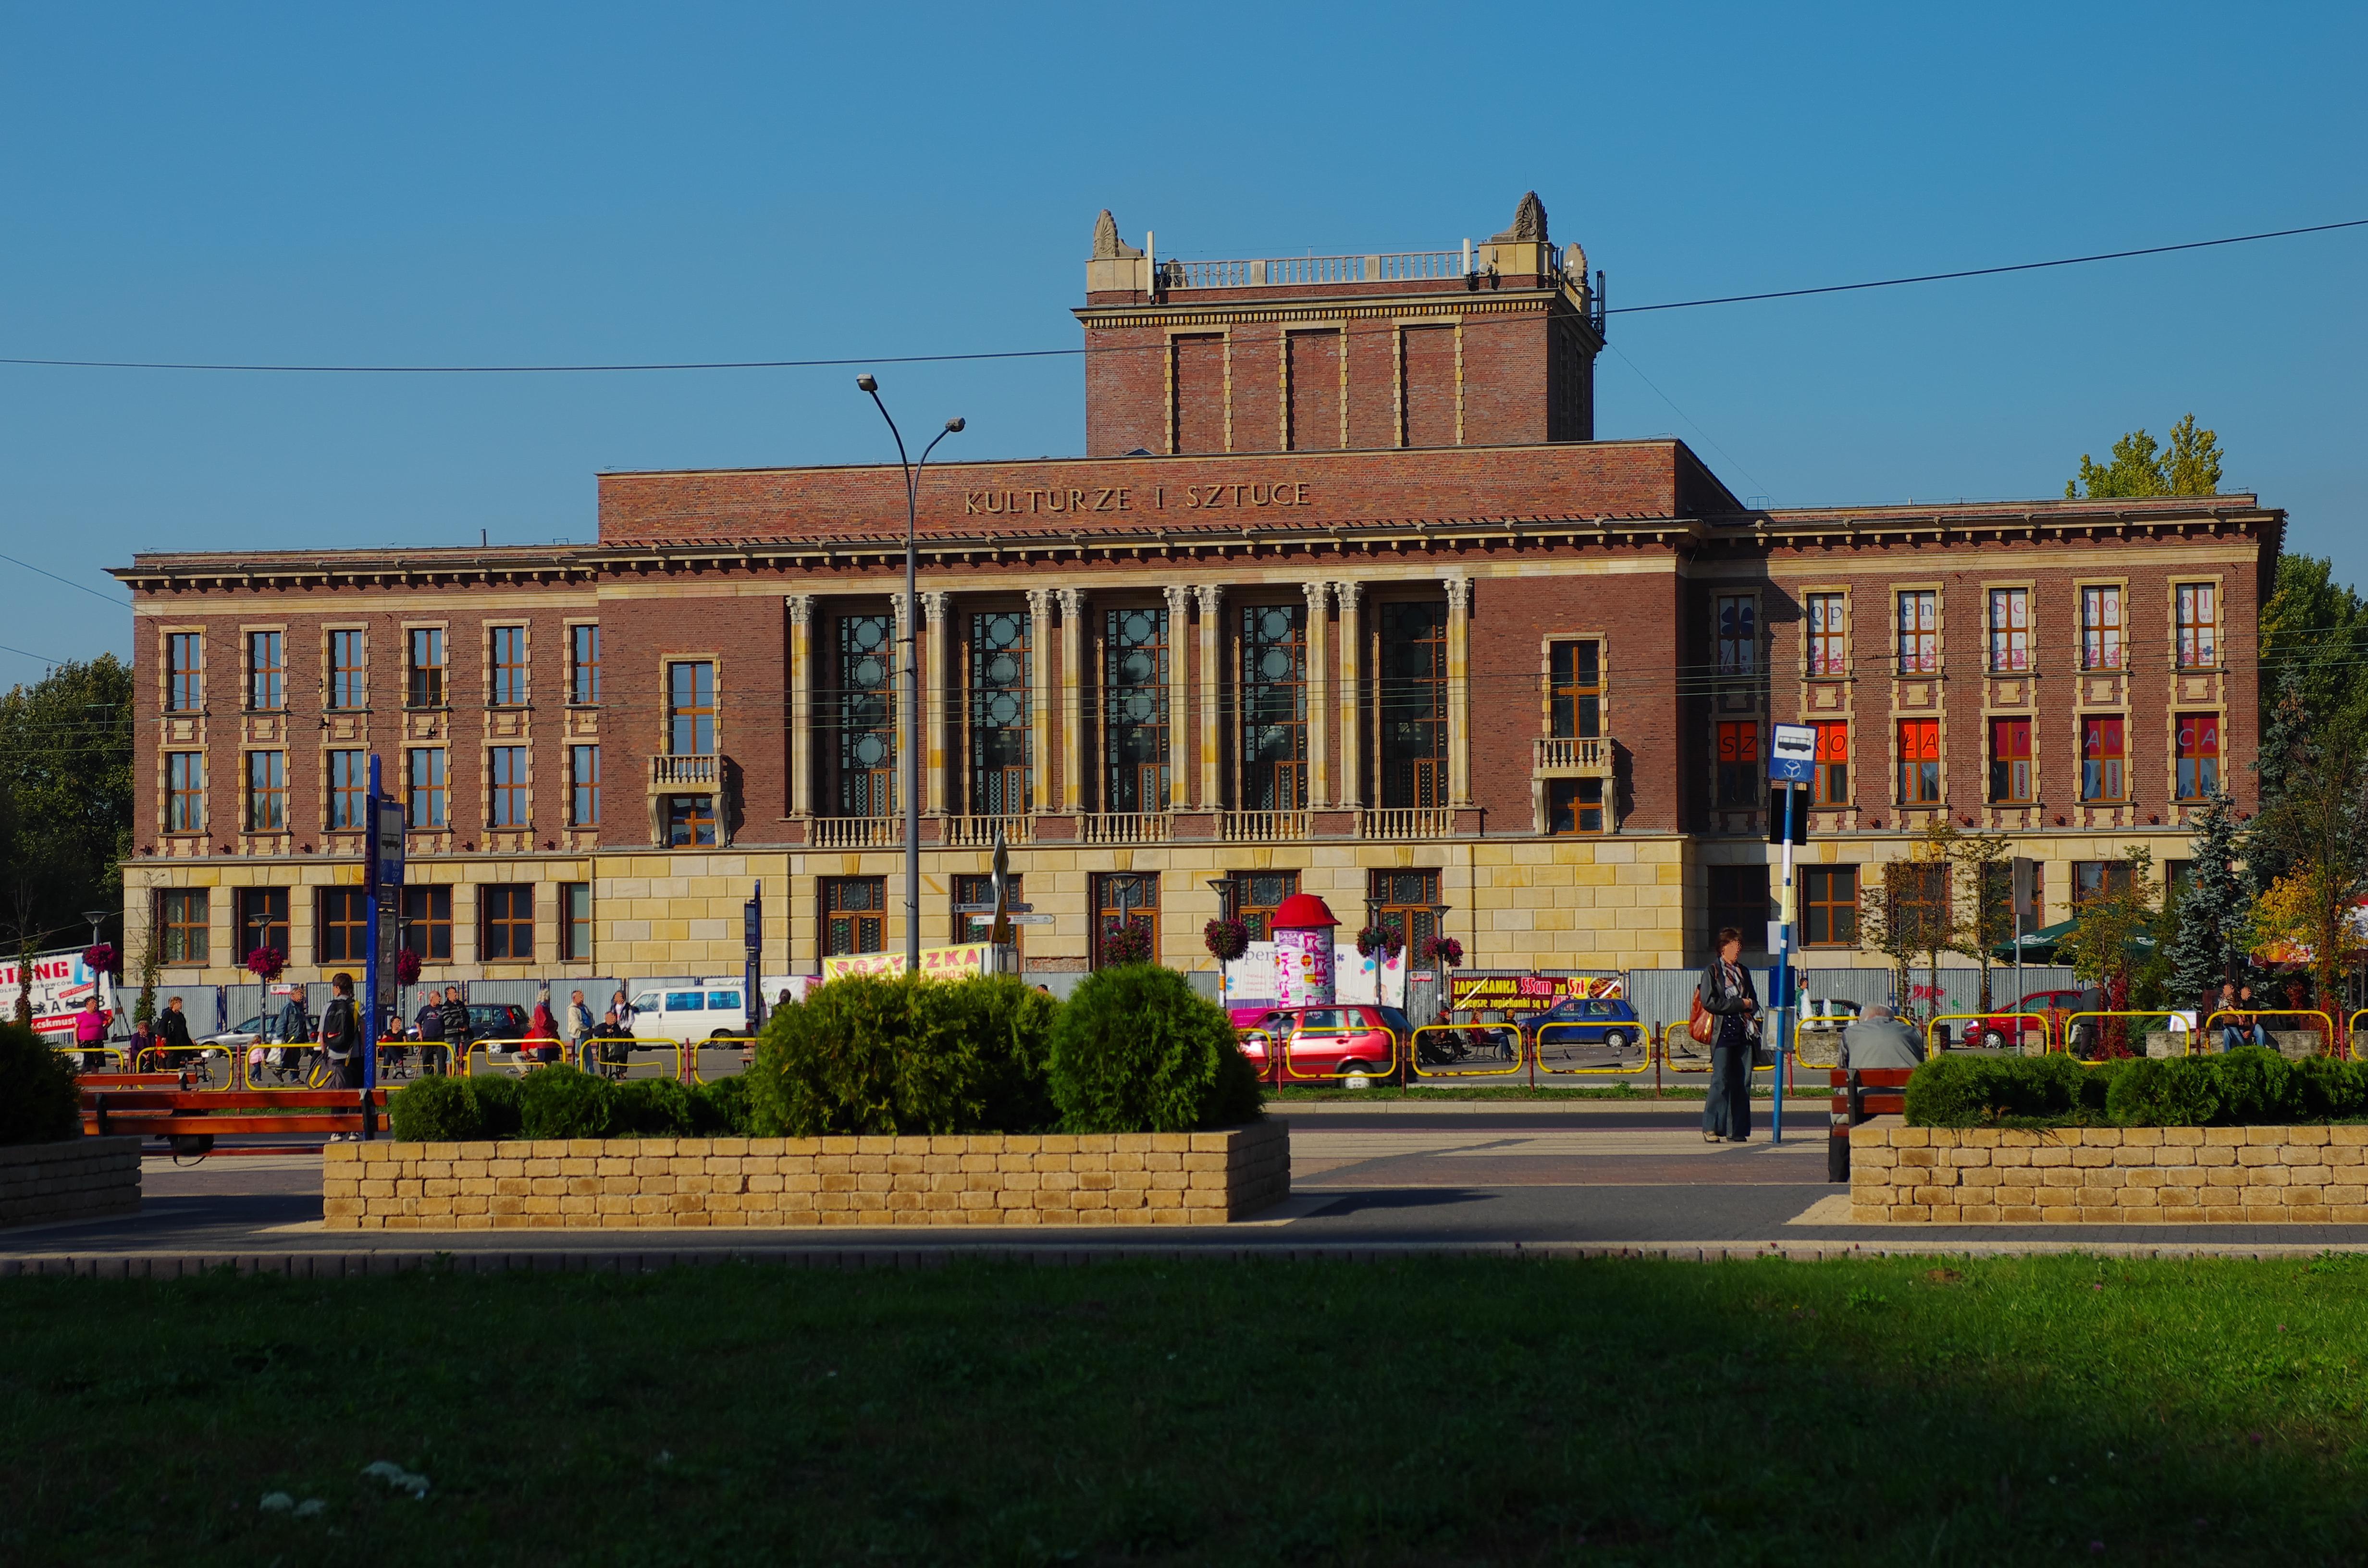 Budynek_Pałacu_Kultury_Zagłębia_w_Dąbrowie_Górniczej_fot kubos16